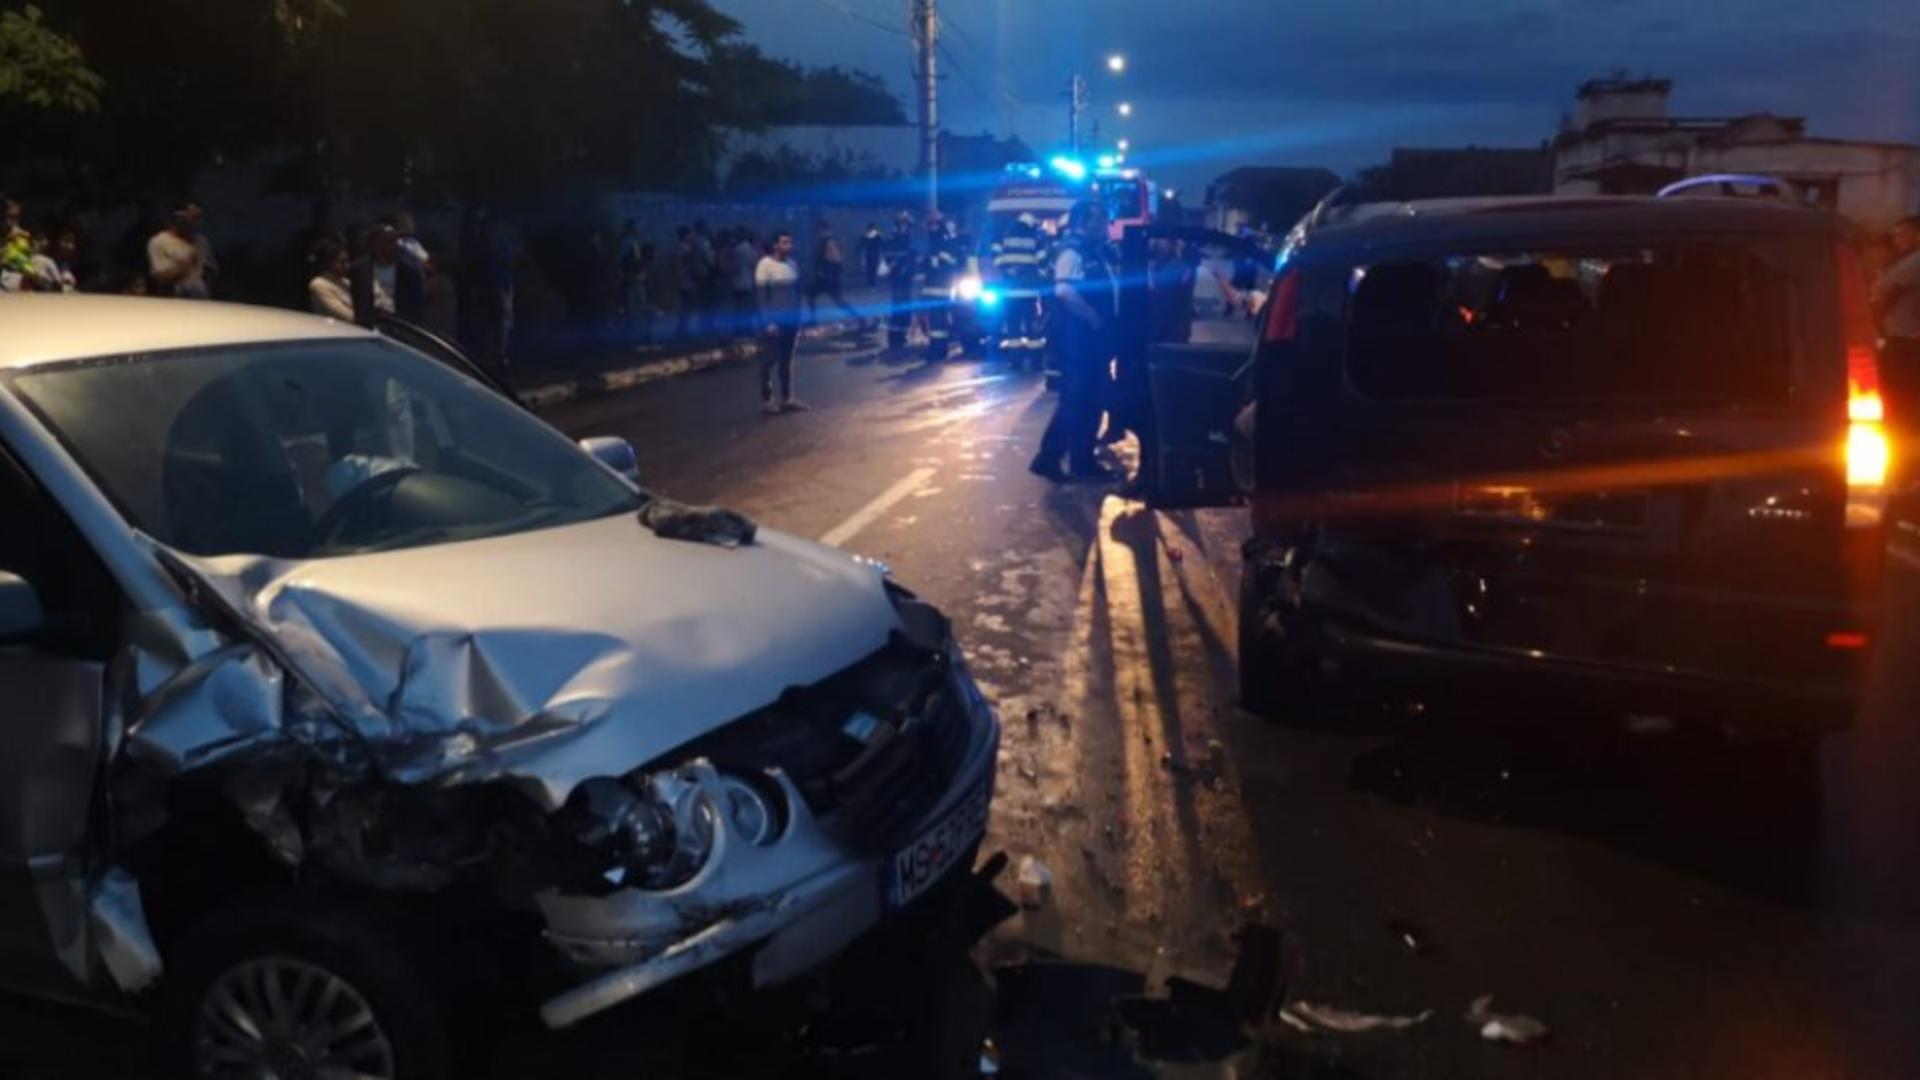 Accident GRAV în Târnăveni, jud. Mureș: 4 victime după ciocnirea VIOLENTĂ între două mașini și circulație BLOCATĂ